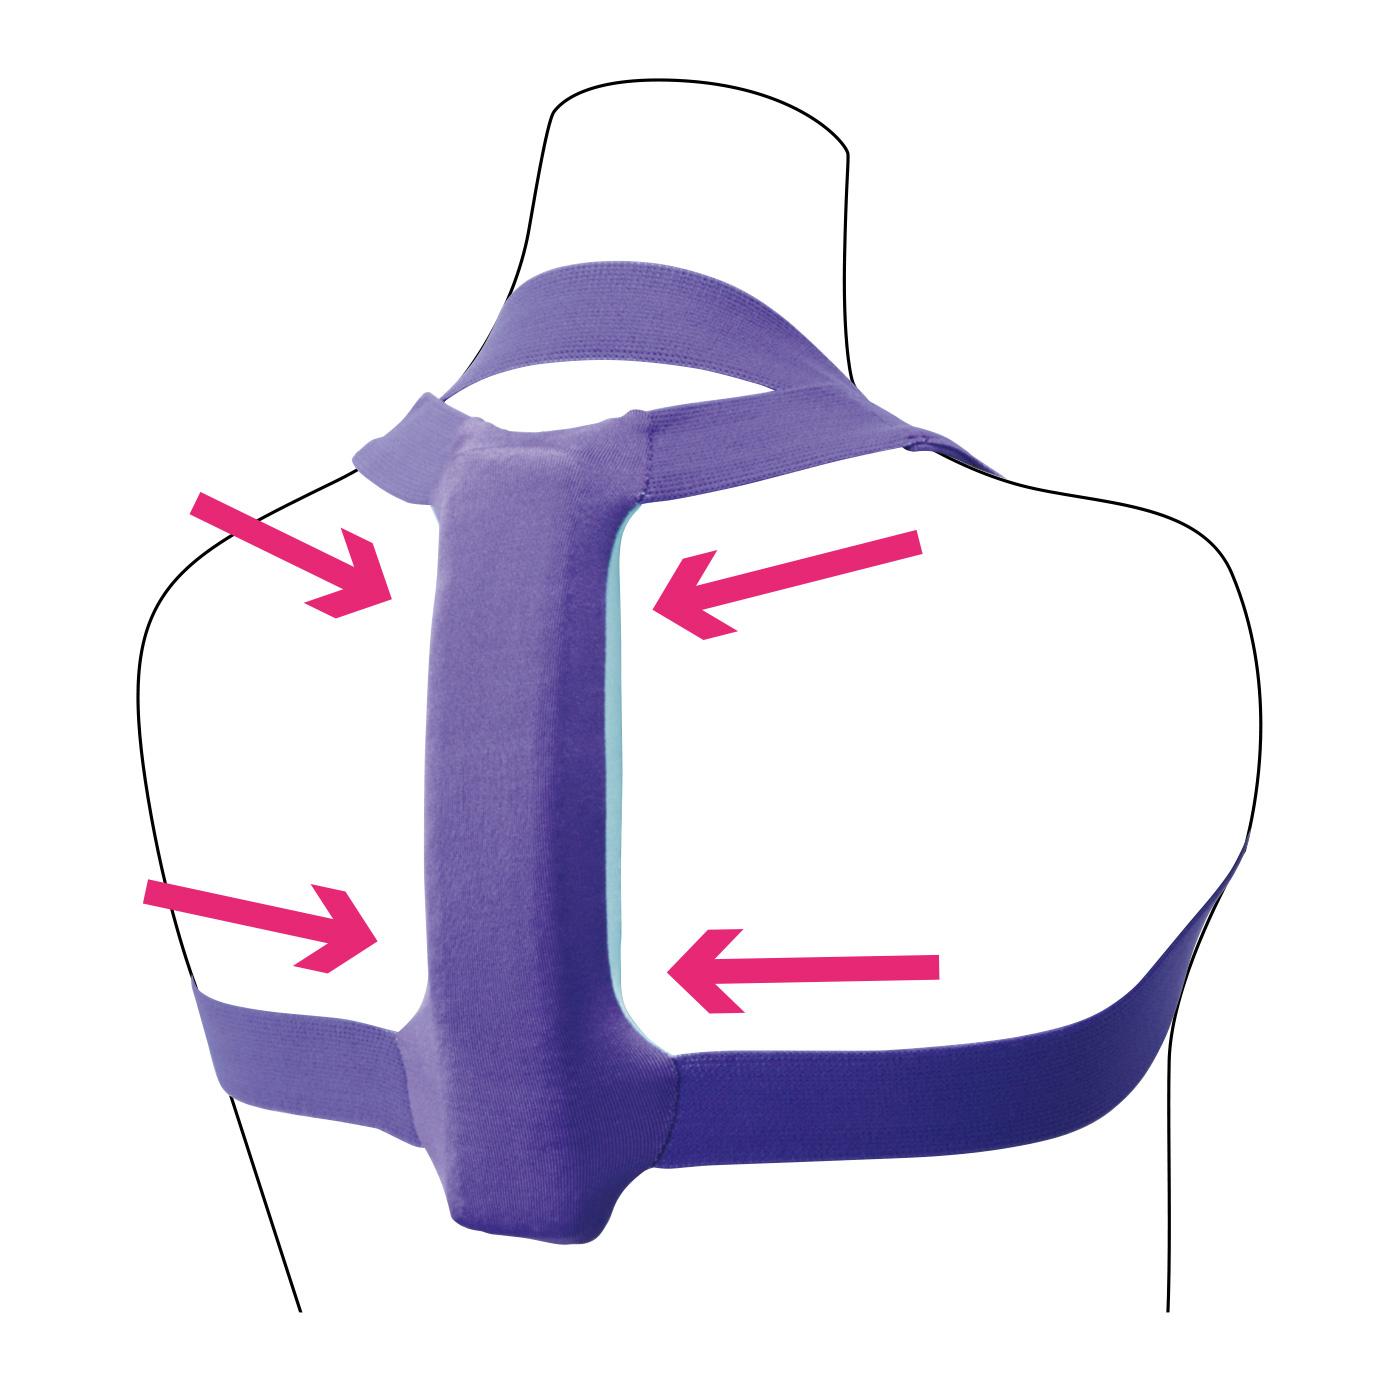 背中に当たる部分はアールが付いていて、気持ちよくストレッチ。動いても上にずれにくい仕様。